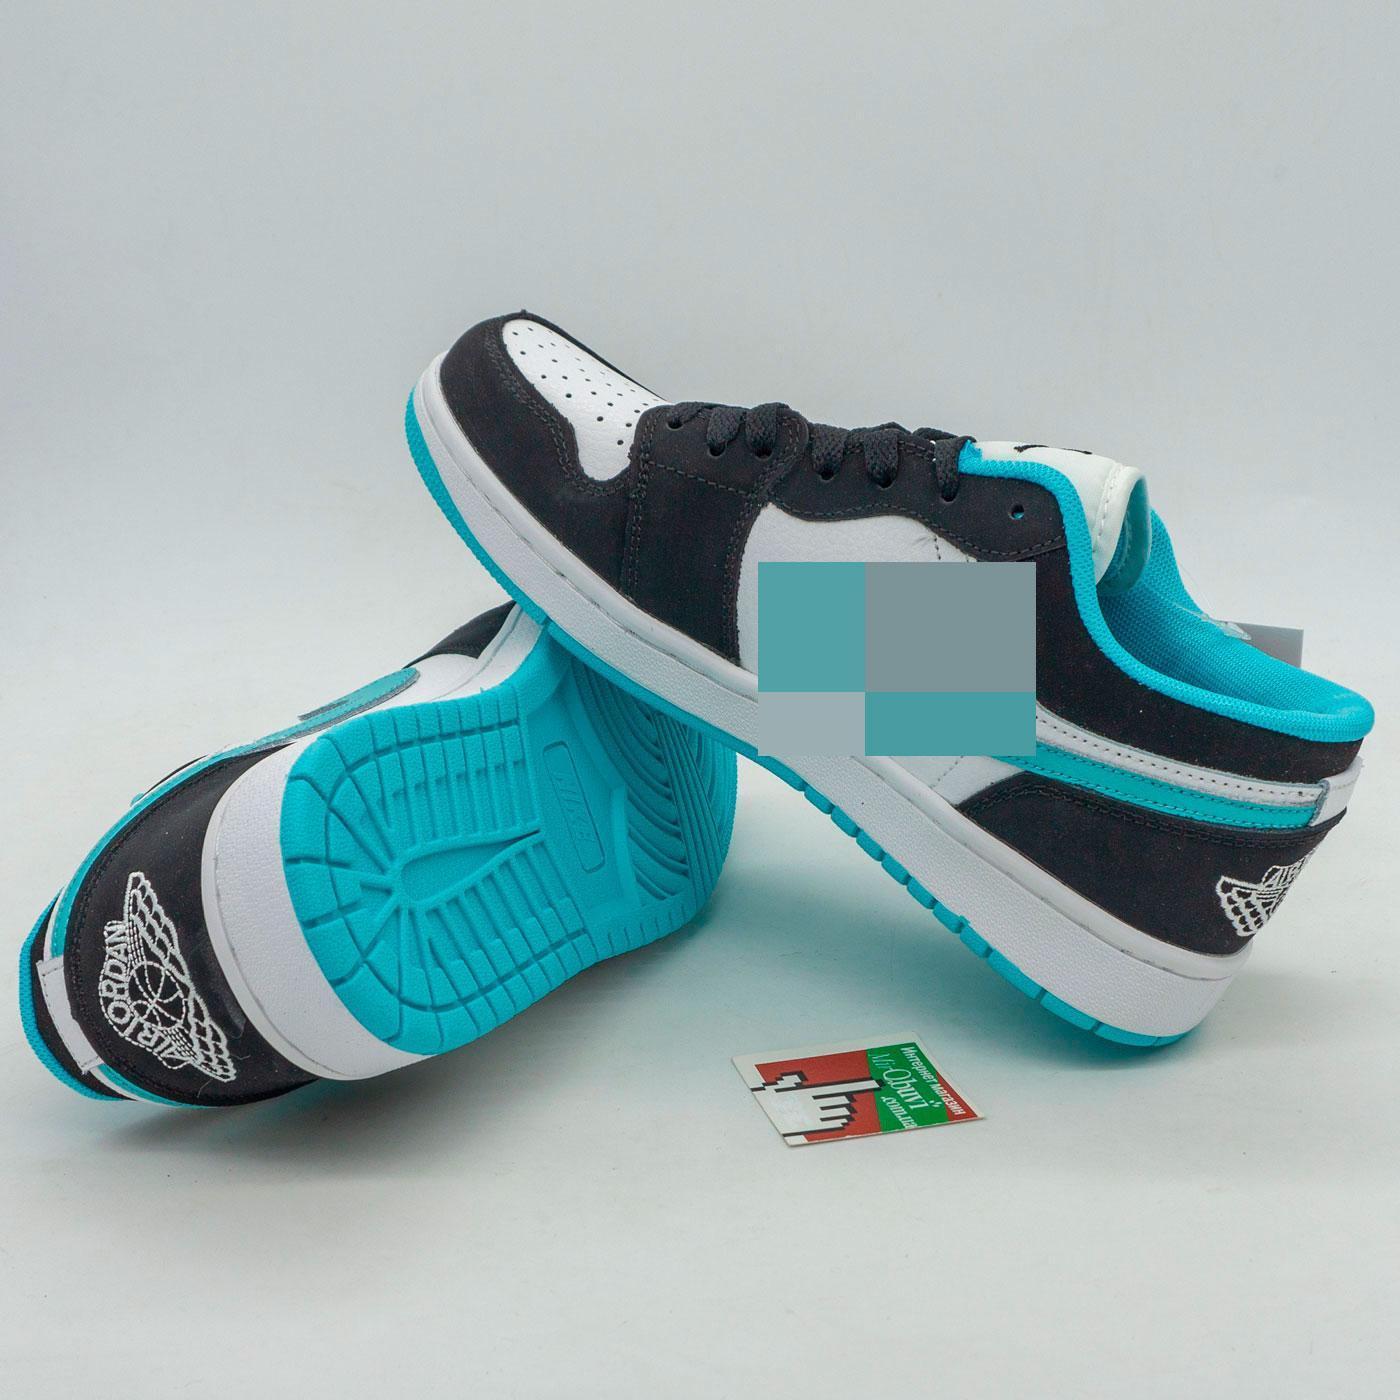 фото back Низкие черные c бирюзовым кроссовки Nke Air Jordan 1 back